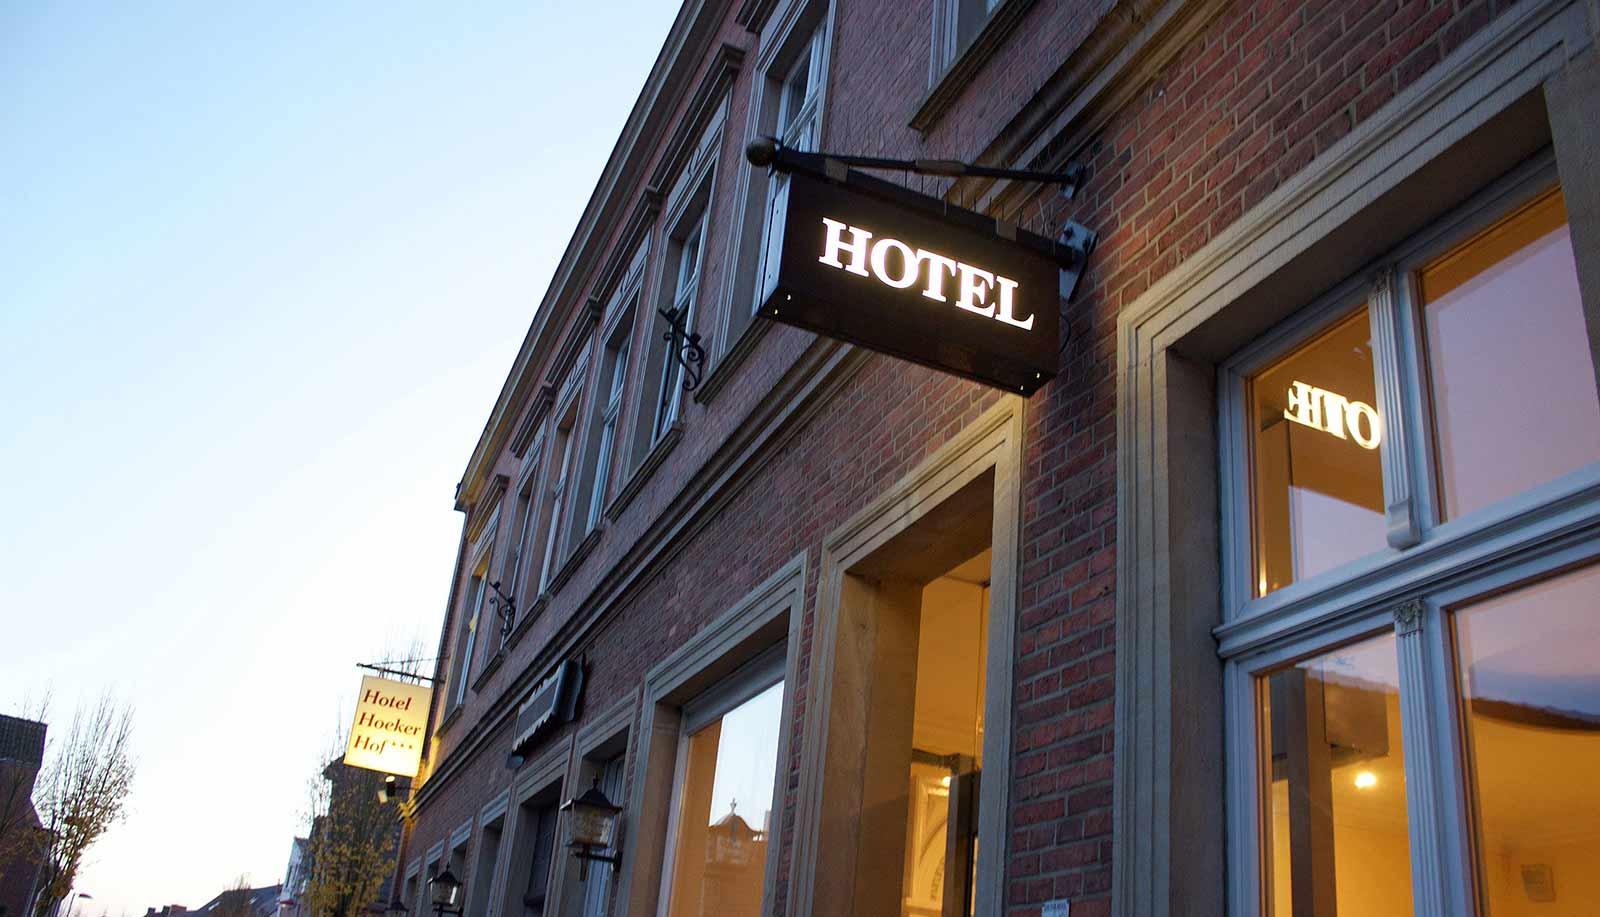 Außenansicht des Hotel Hoeker Hof